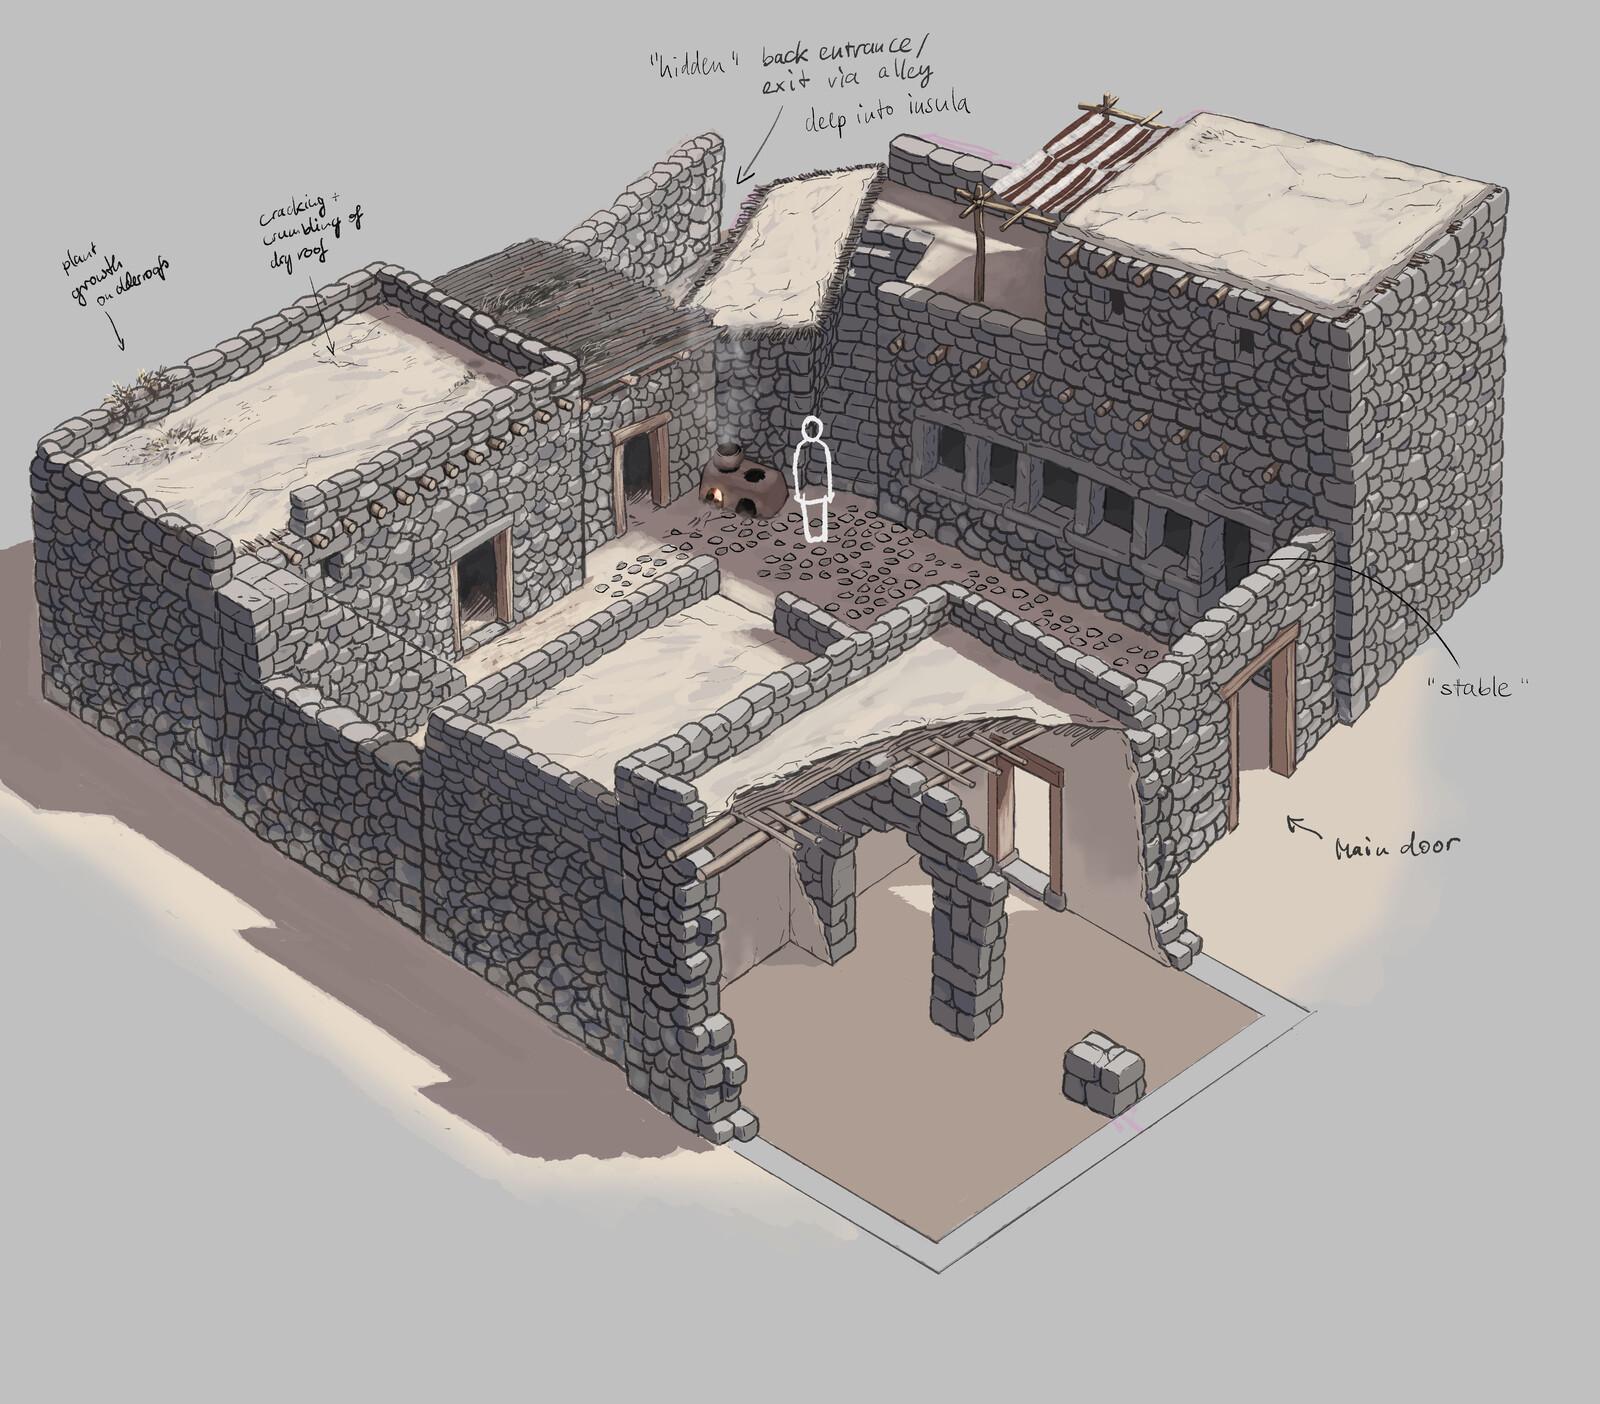 Capernaum Insula